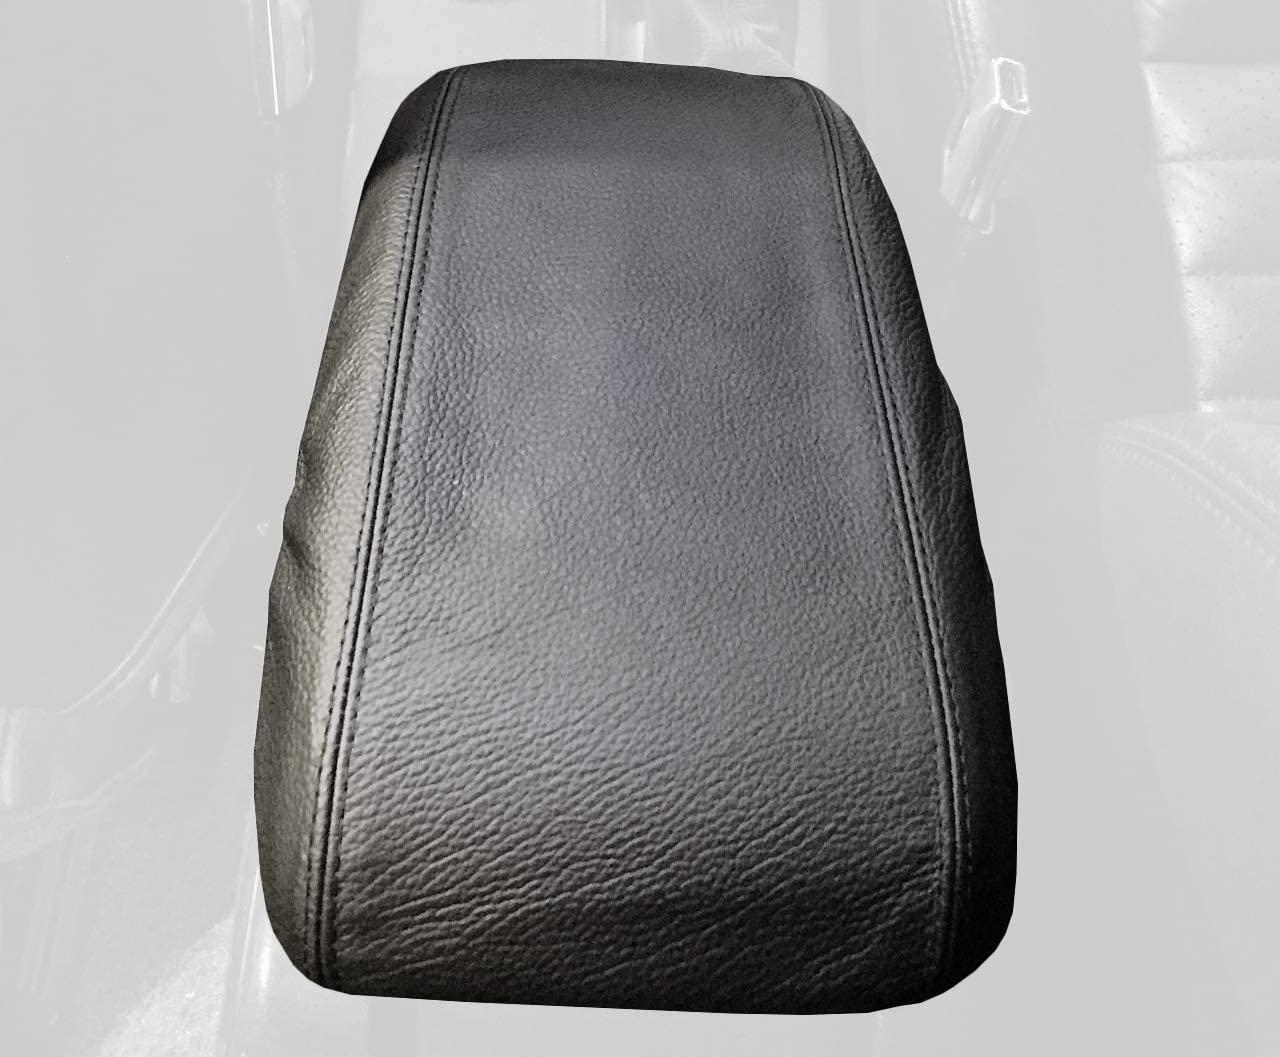 RedlineGoods cubierta de apoyabrazos Compatible with Ford Mustang 1987-93. Cuero Negro Costura Azul